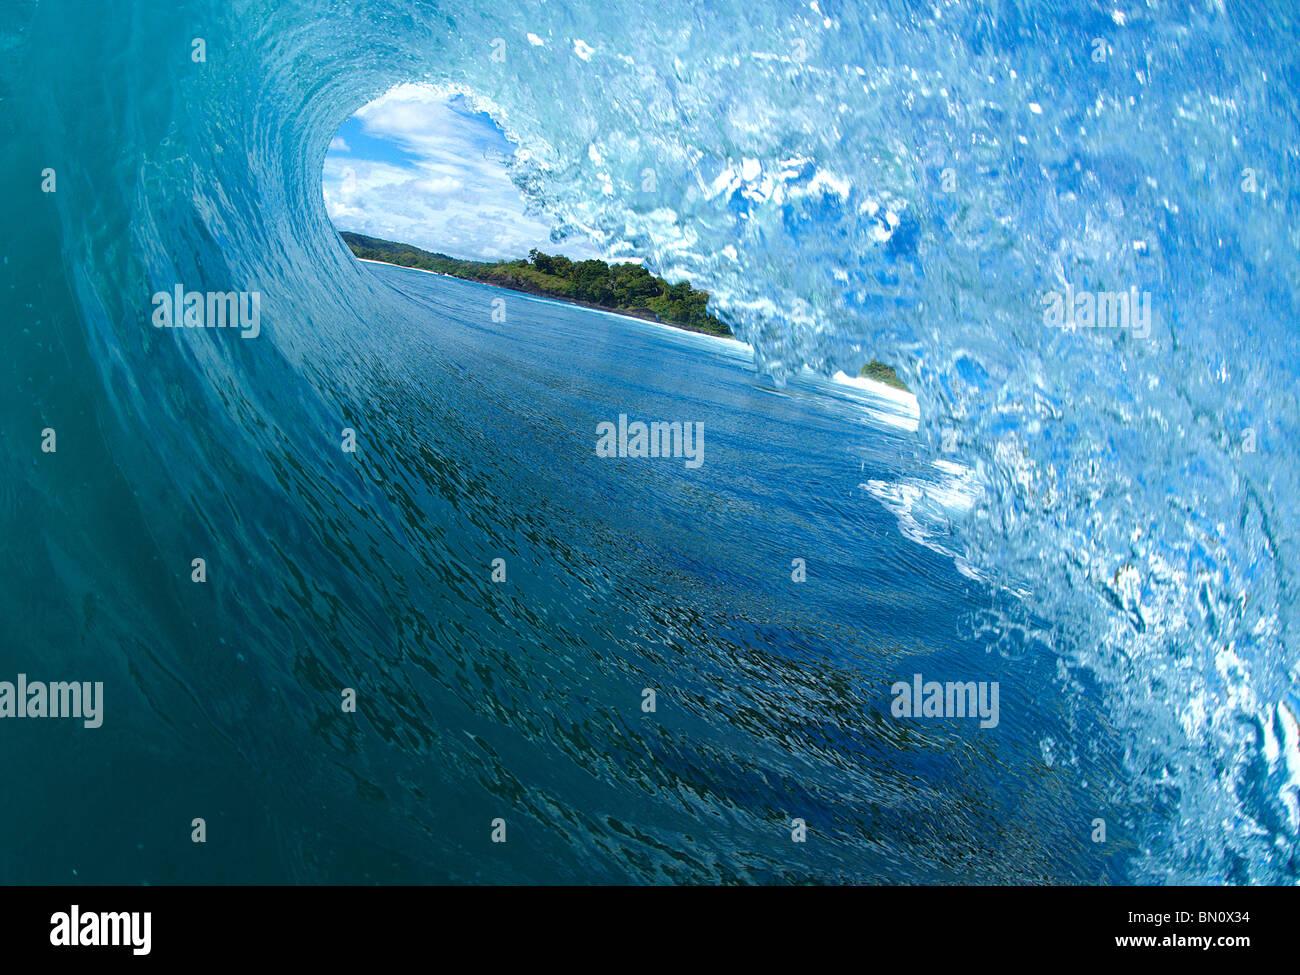 In der Röhre einer Welle Stockbild